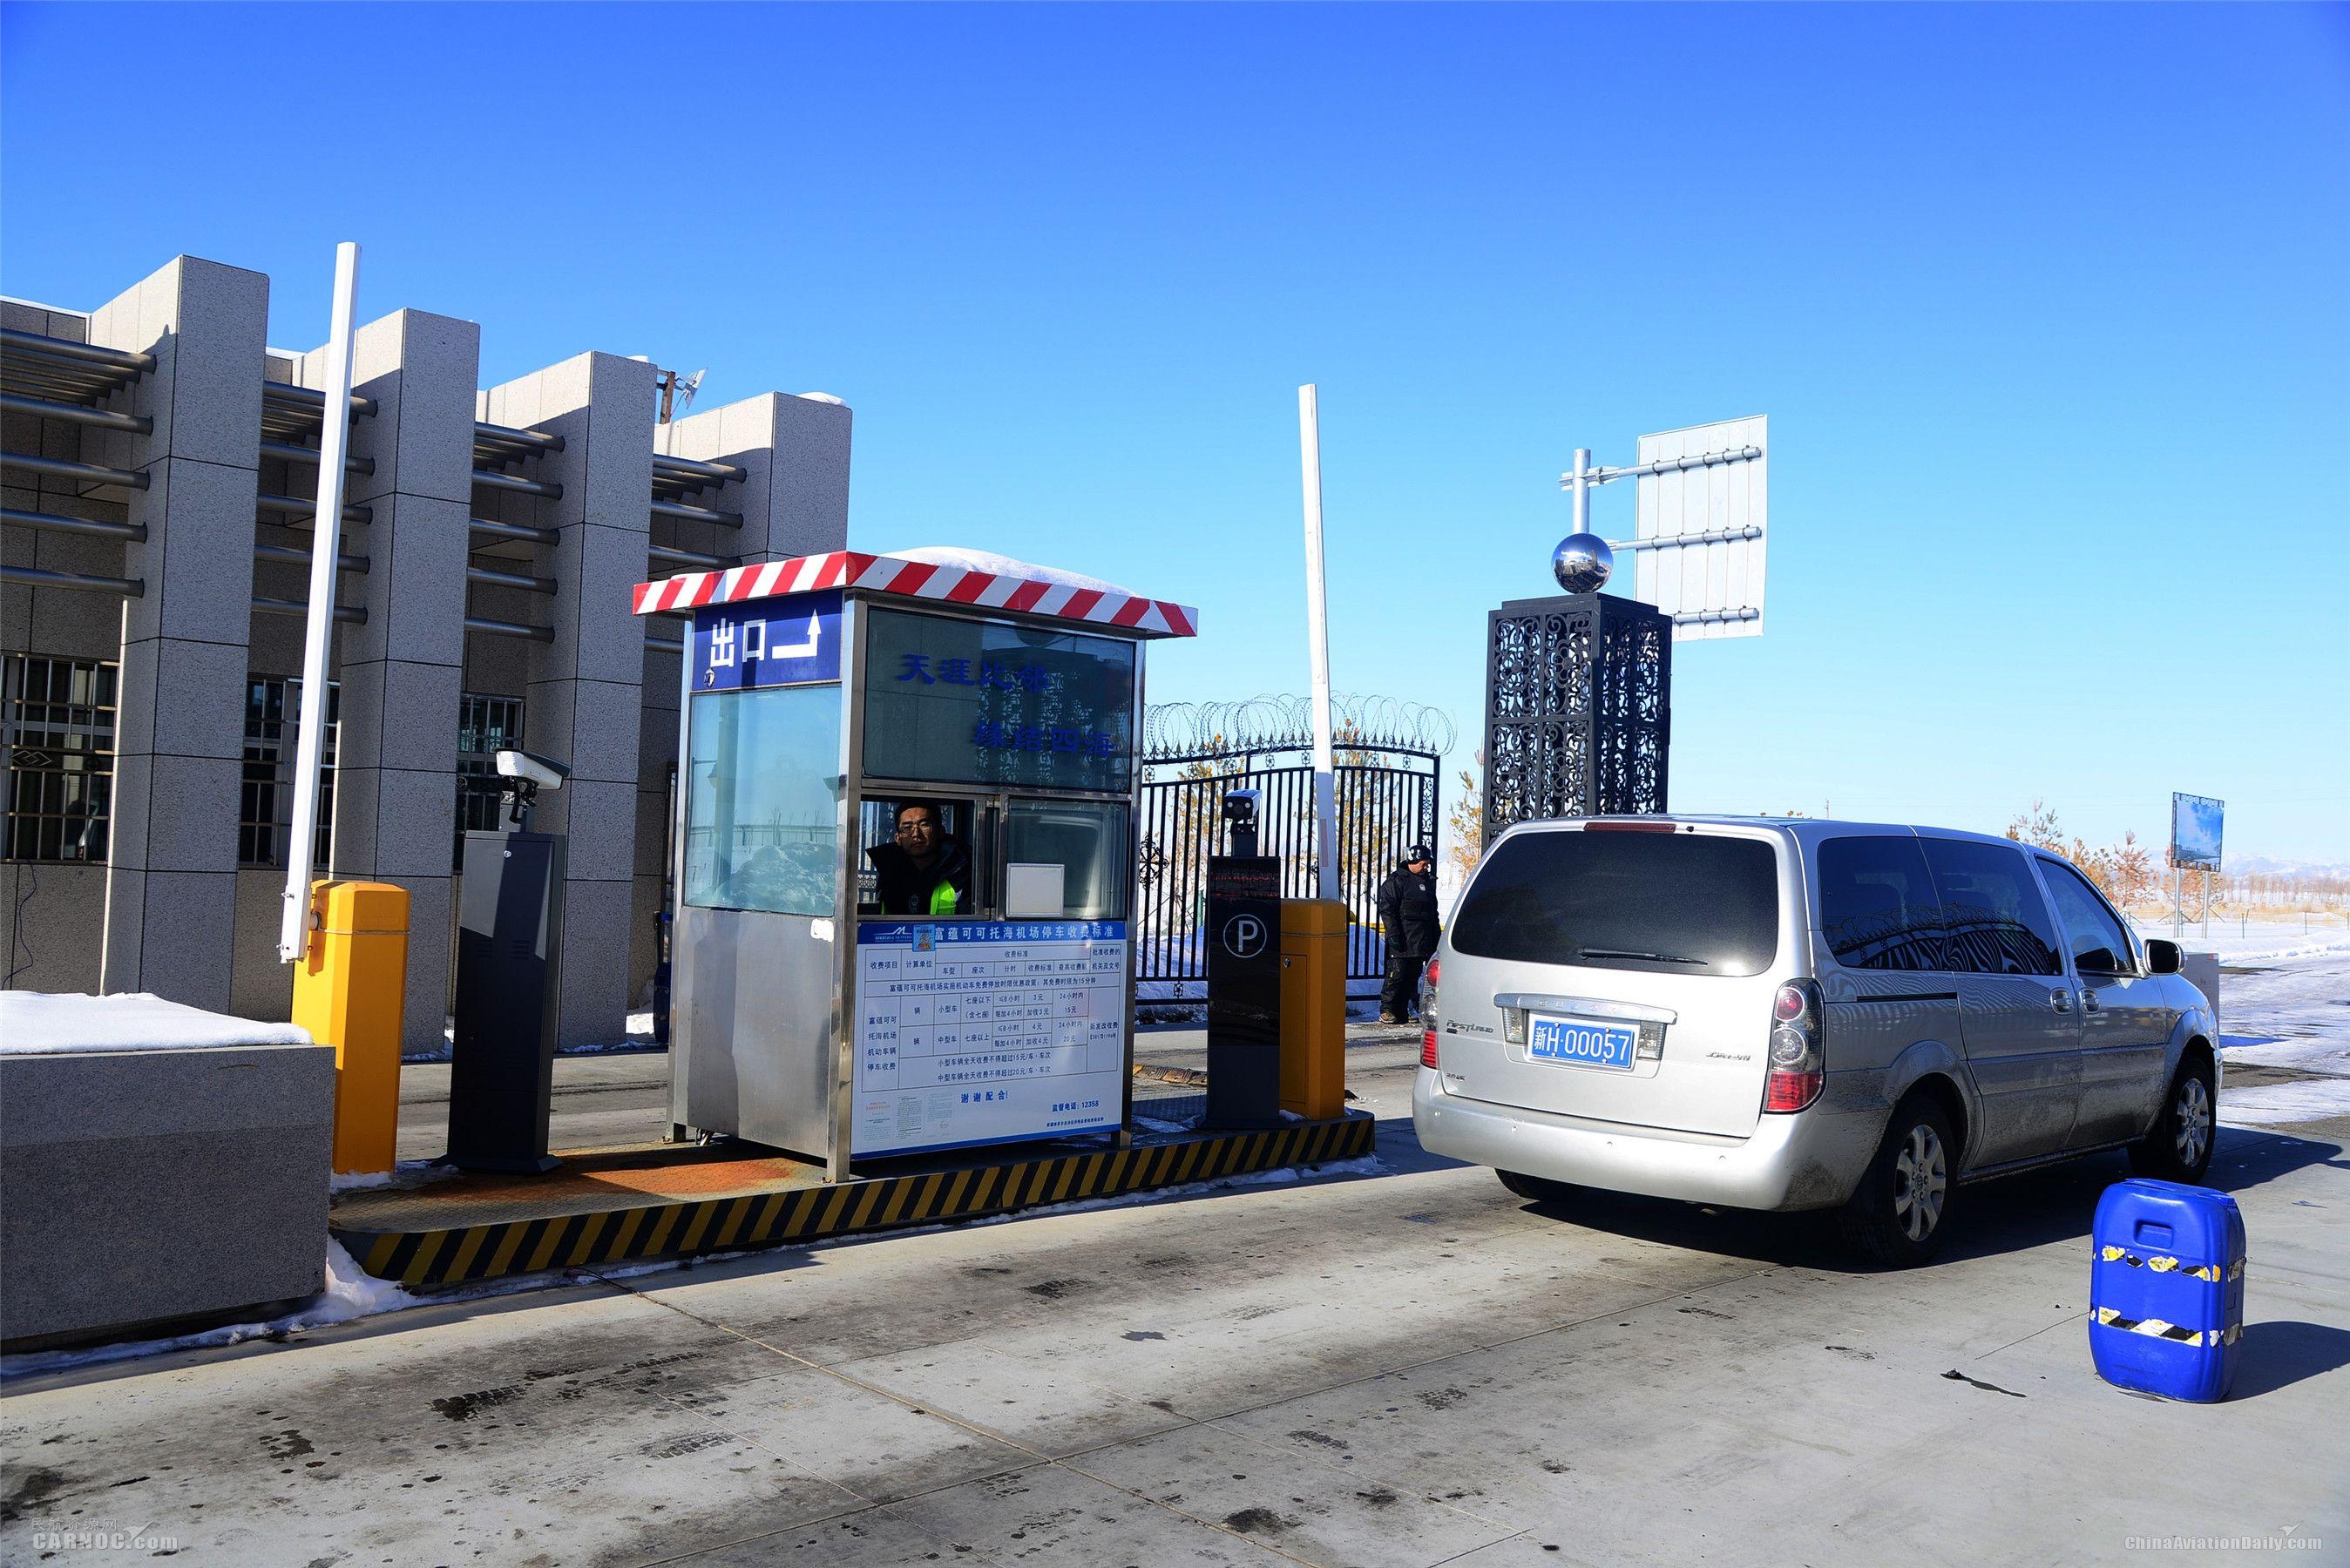 富蕴机场无感支付智慧停车功能正式上线